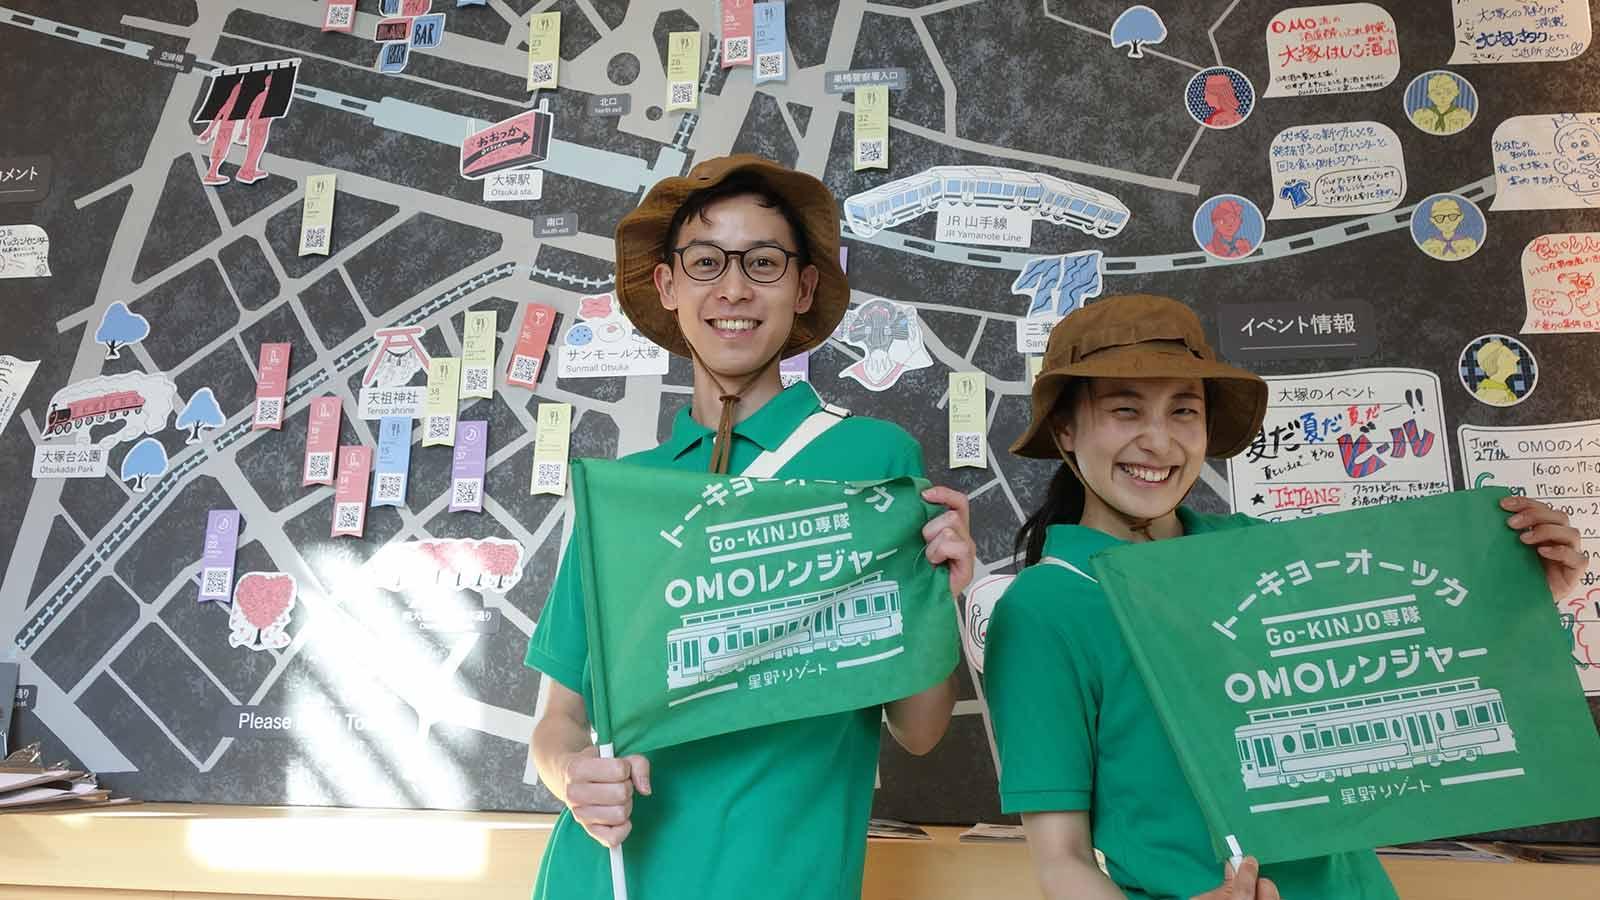 在「星野集團 OMO5 東京大塚」發現昔日的日本吧!